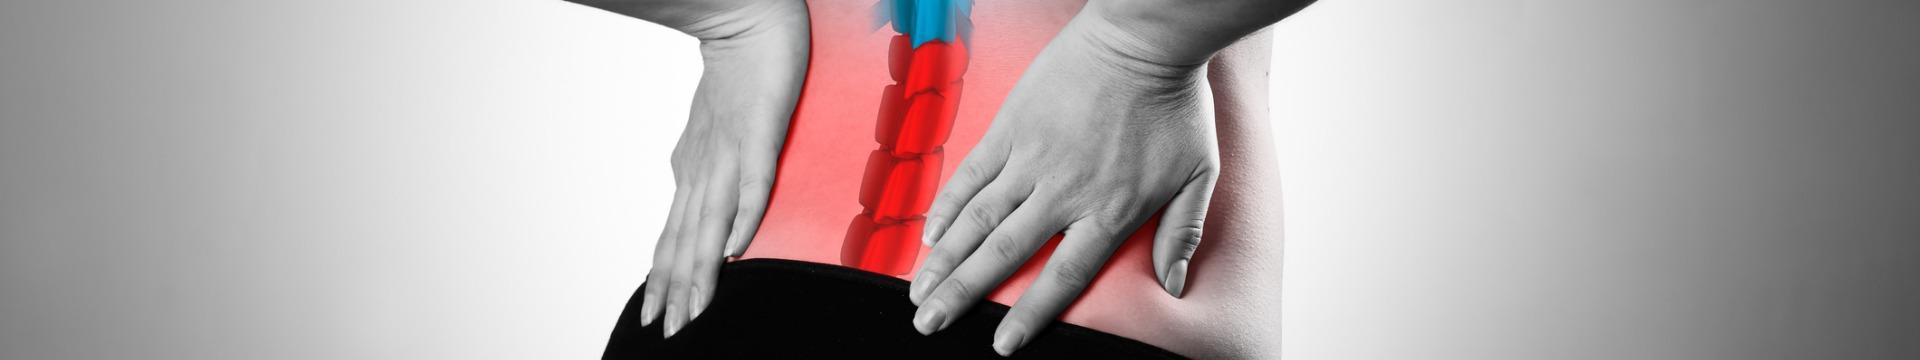 Лечение компрессионного перелома позвоночника- Лікування компресійного перелому хребта